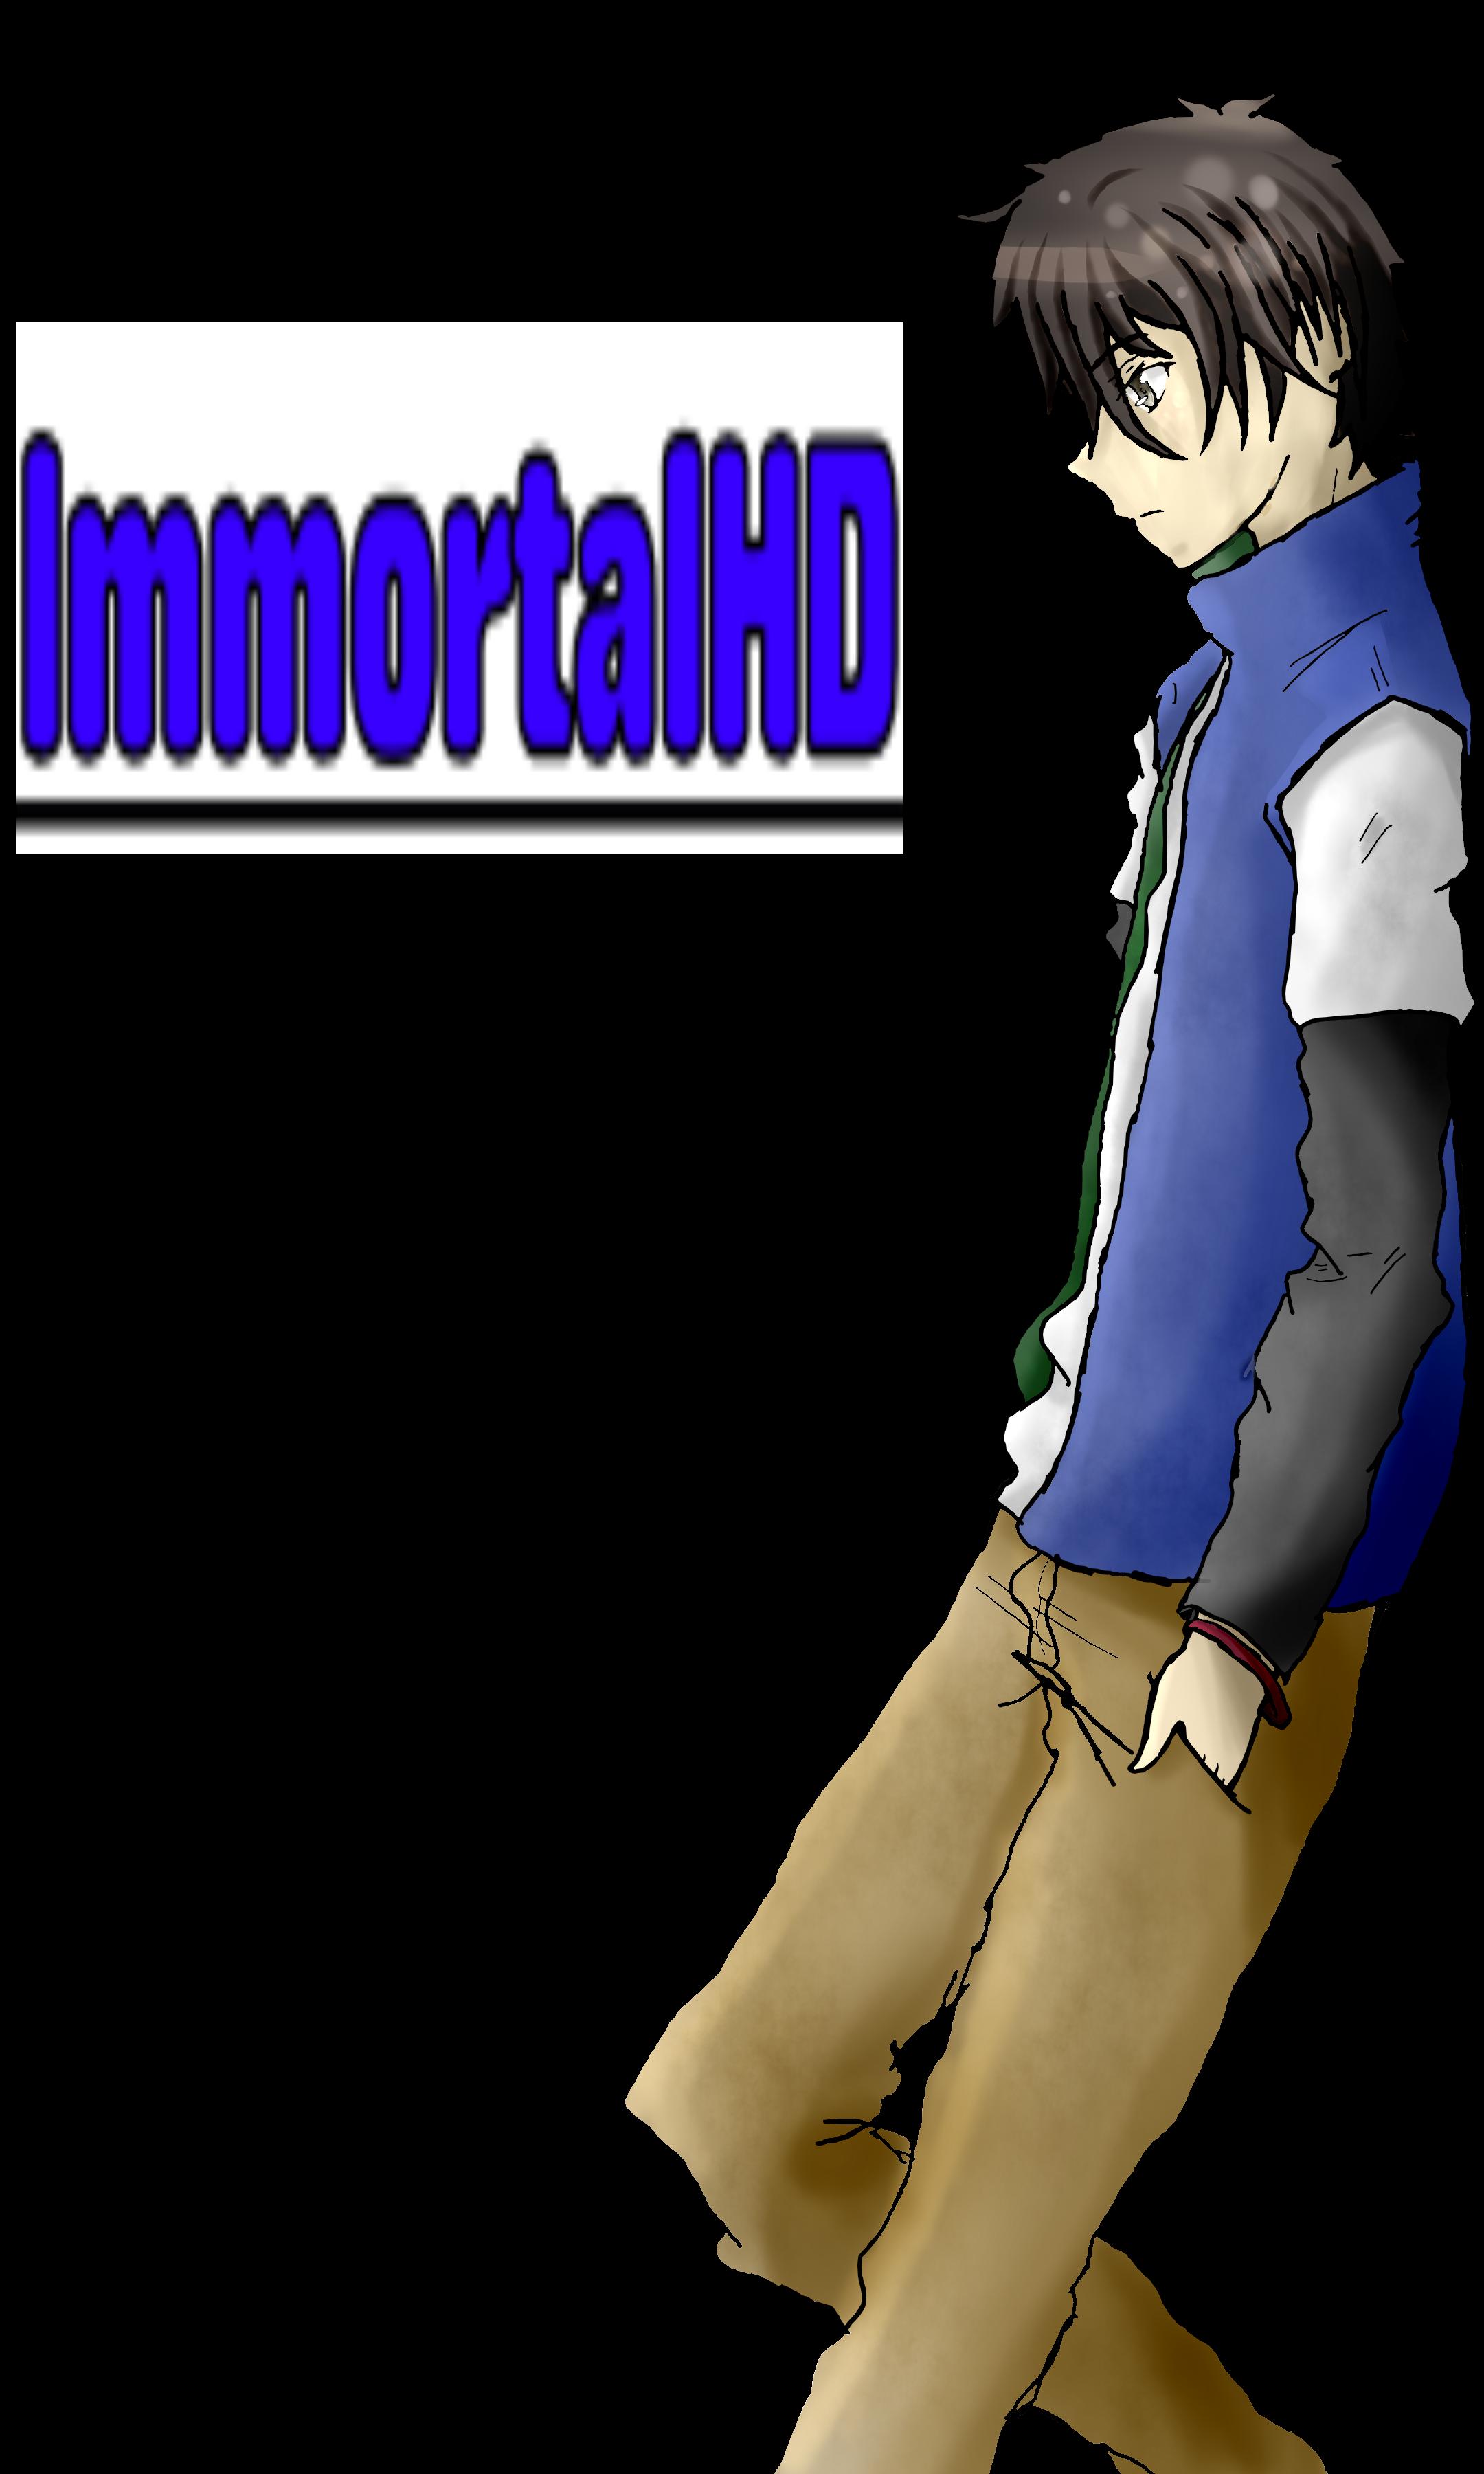 immortalhd fan art - photo #17